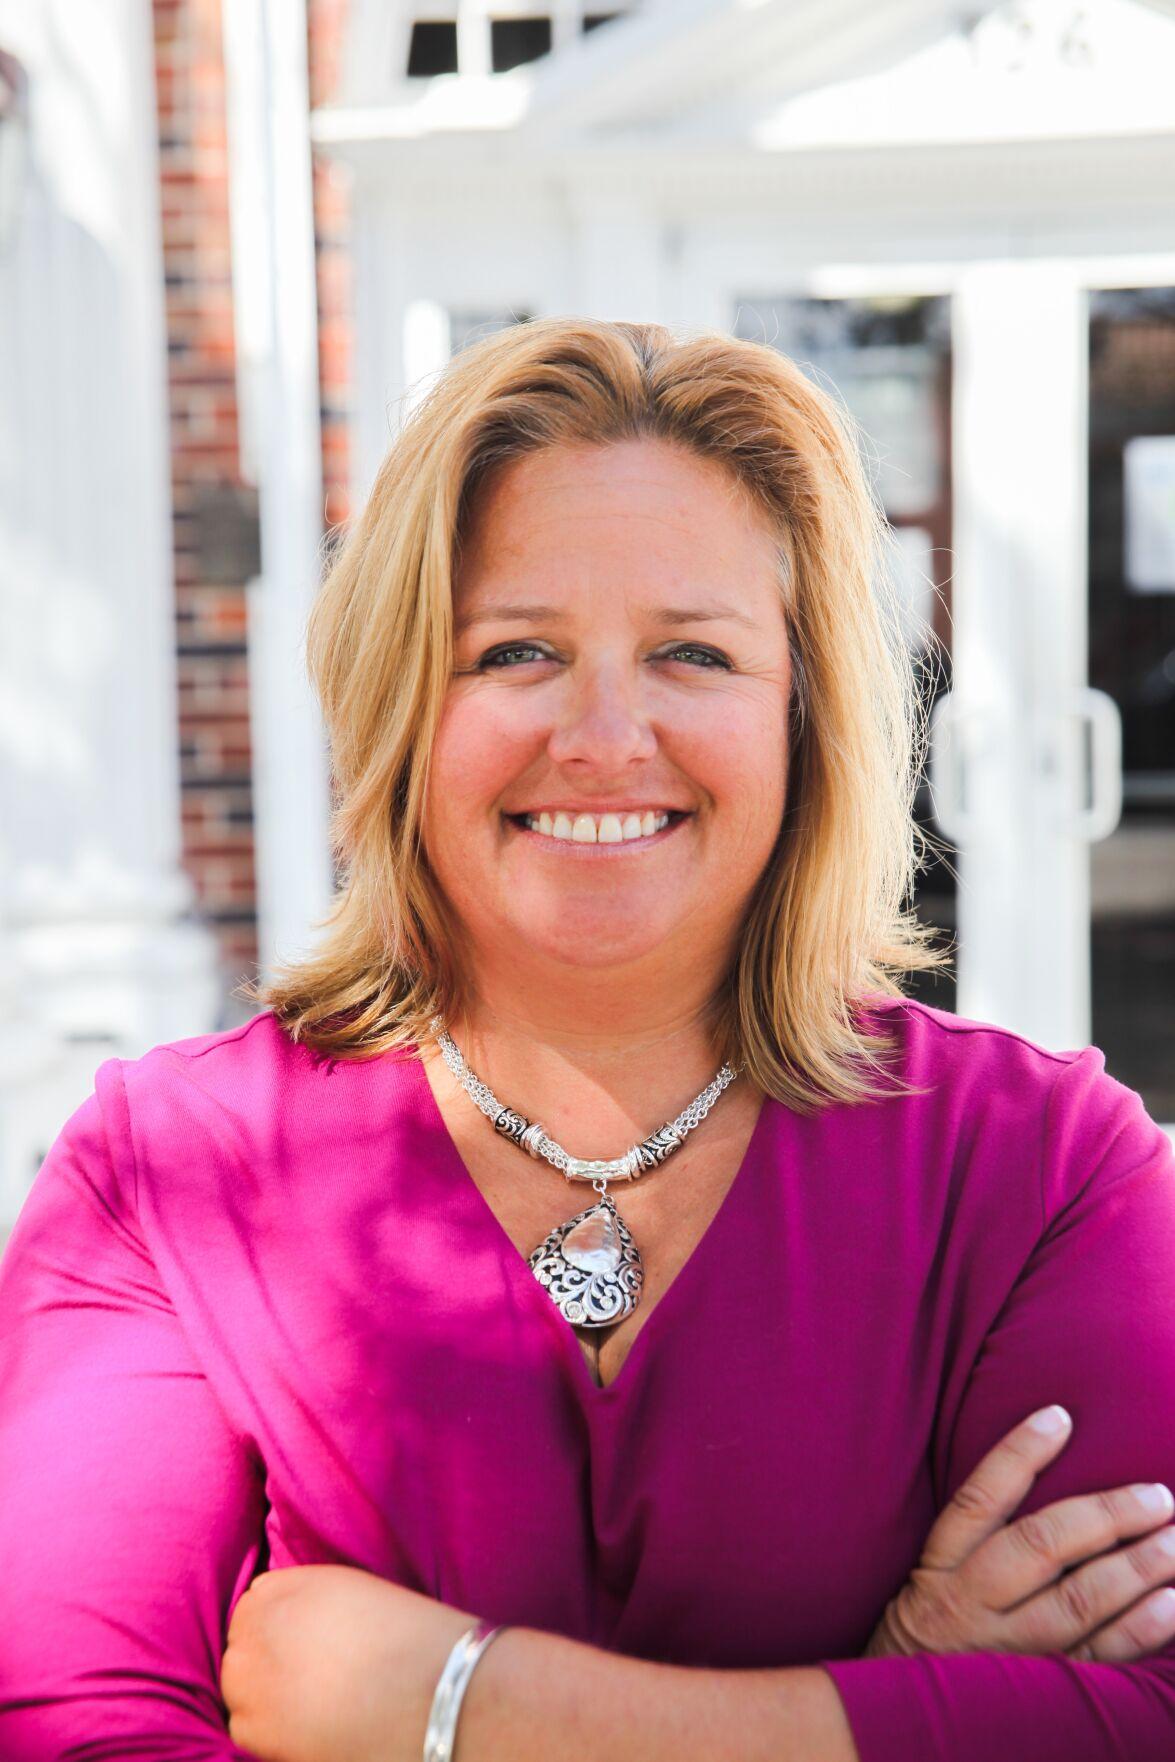 Melissa Lockhart